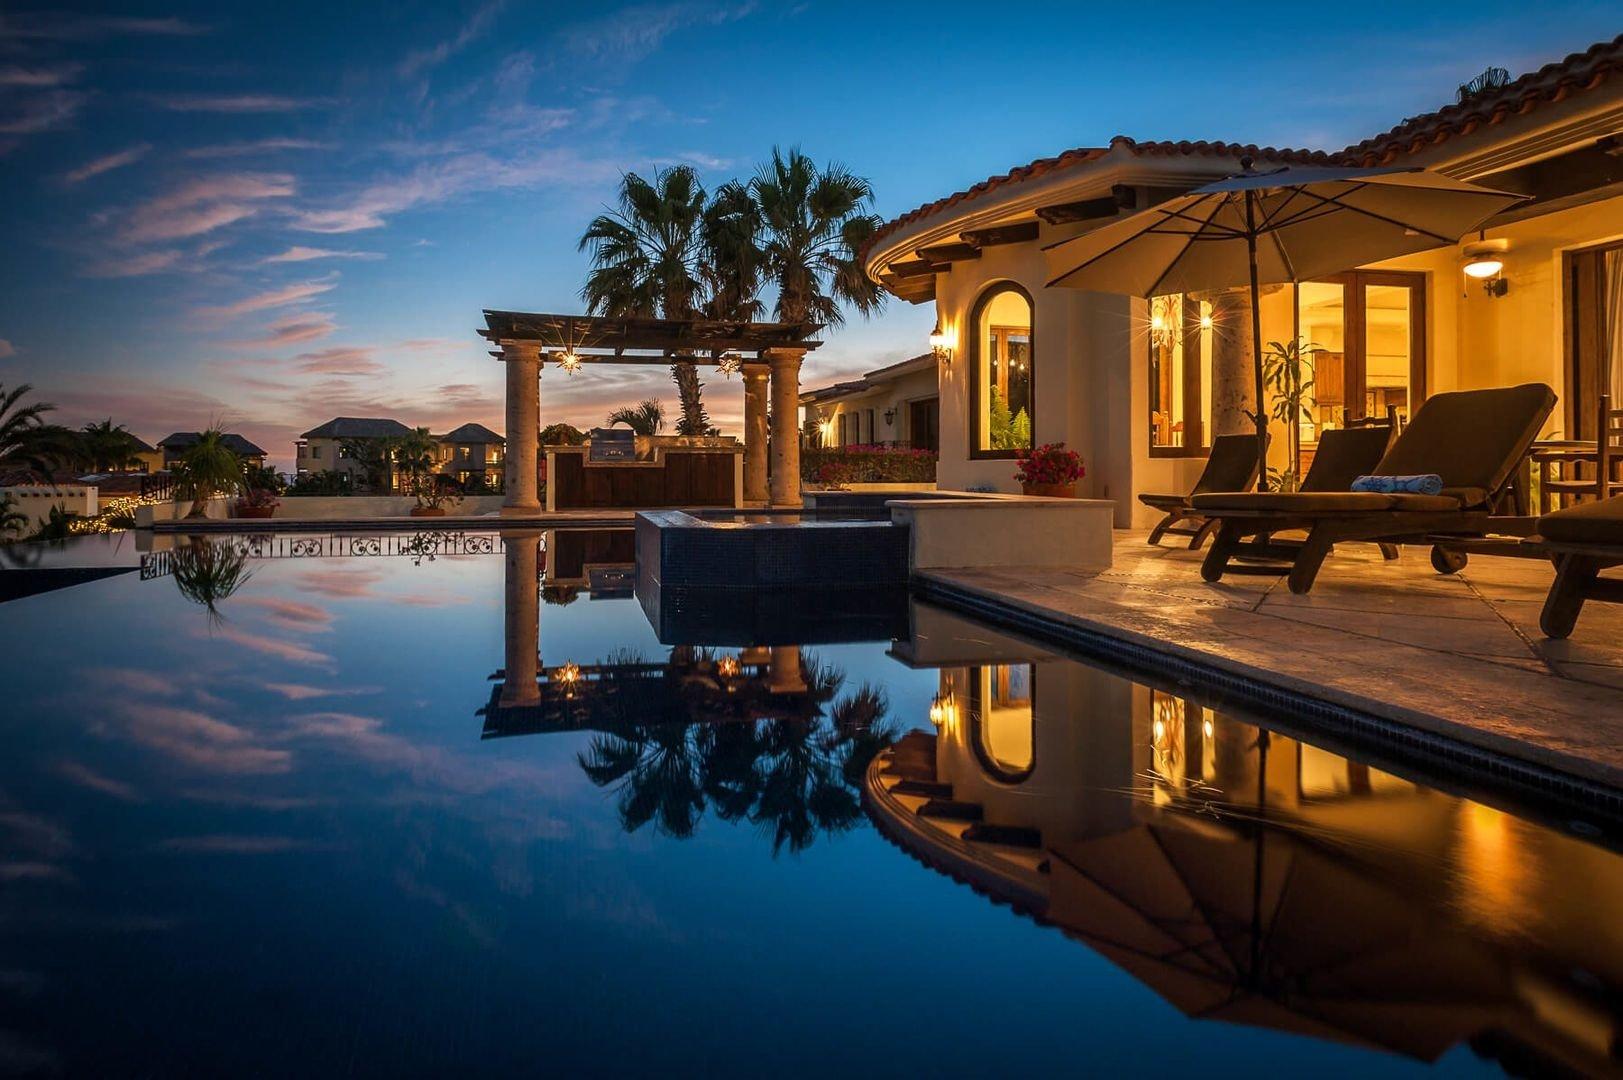 - Villa Desierto - Image 1/25